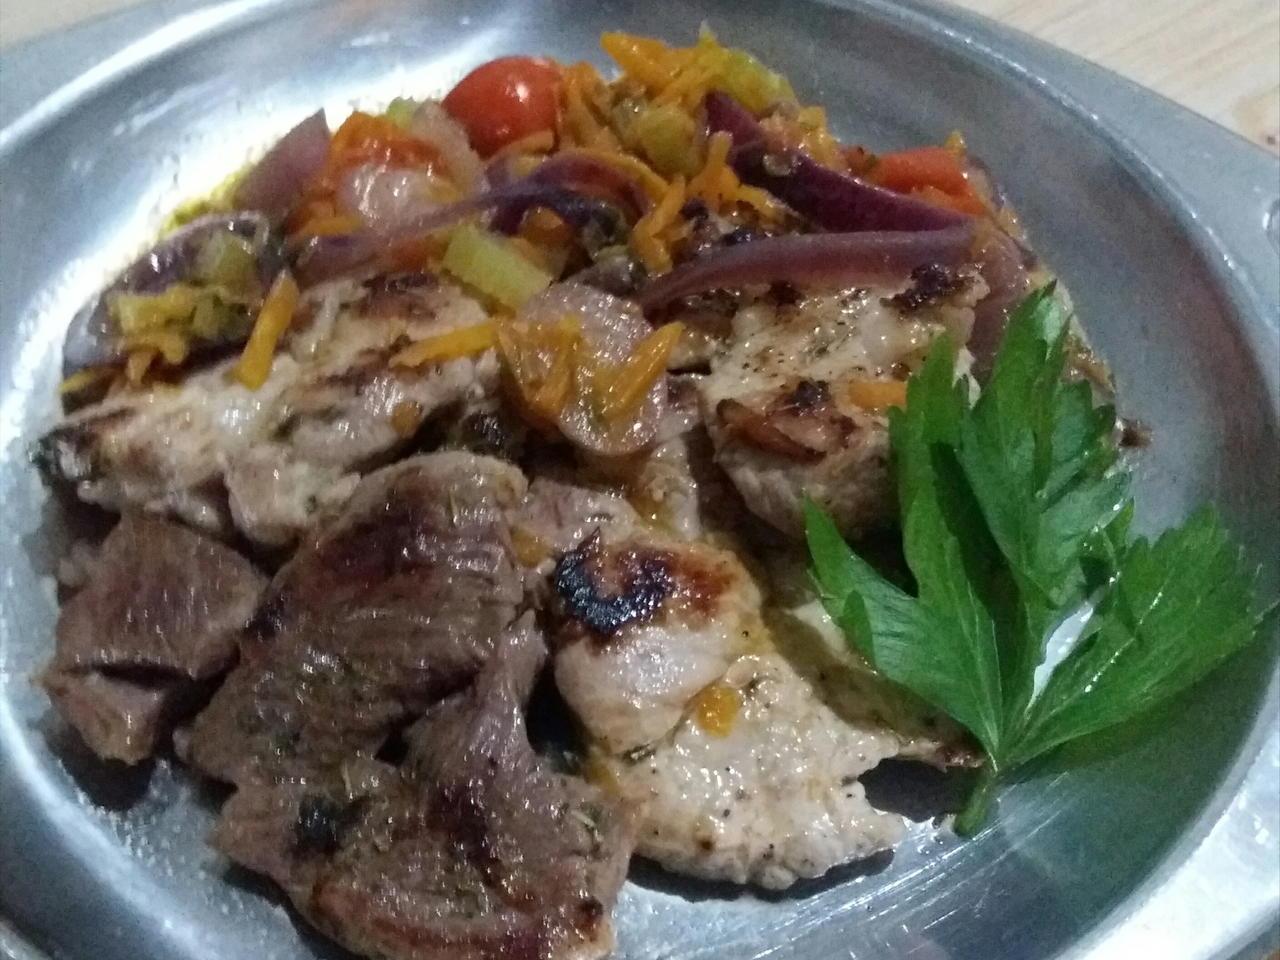 Ricetta di petta sezzida video di sdedde craftlog for Cucinare x celiaci